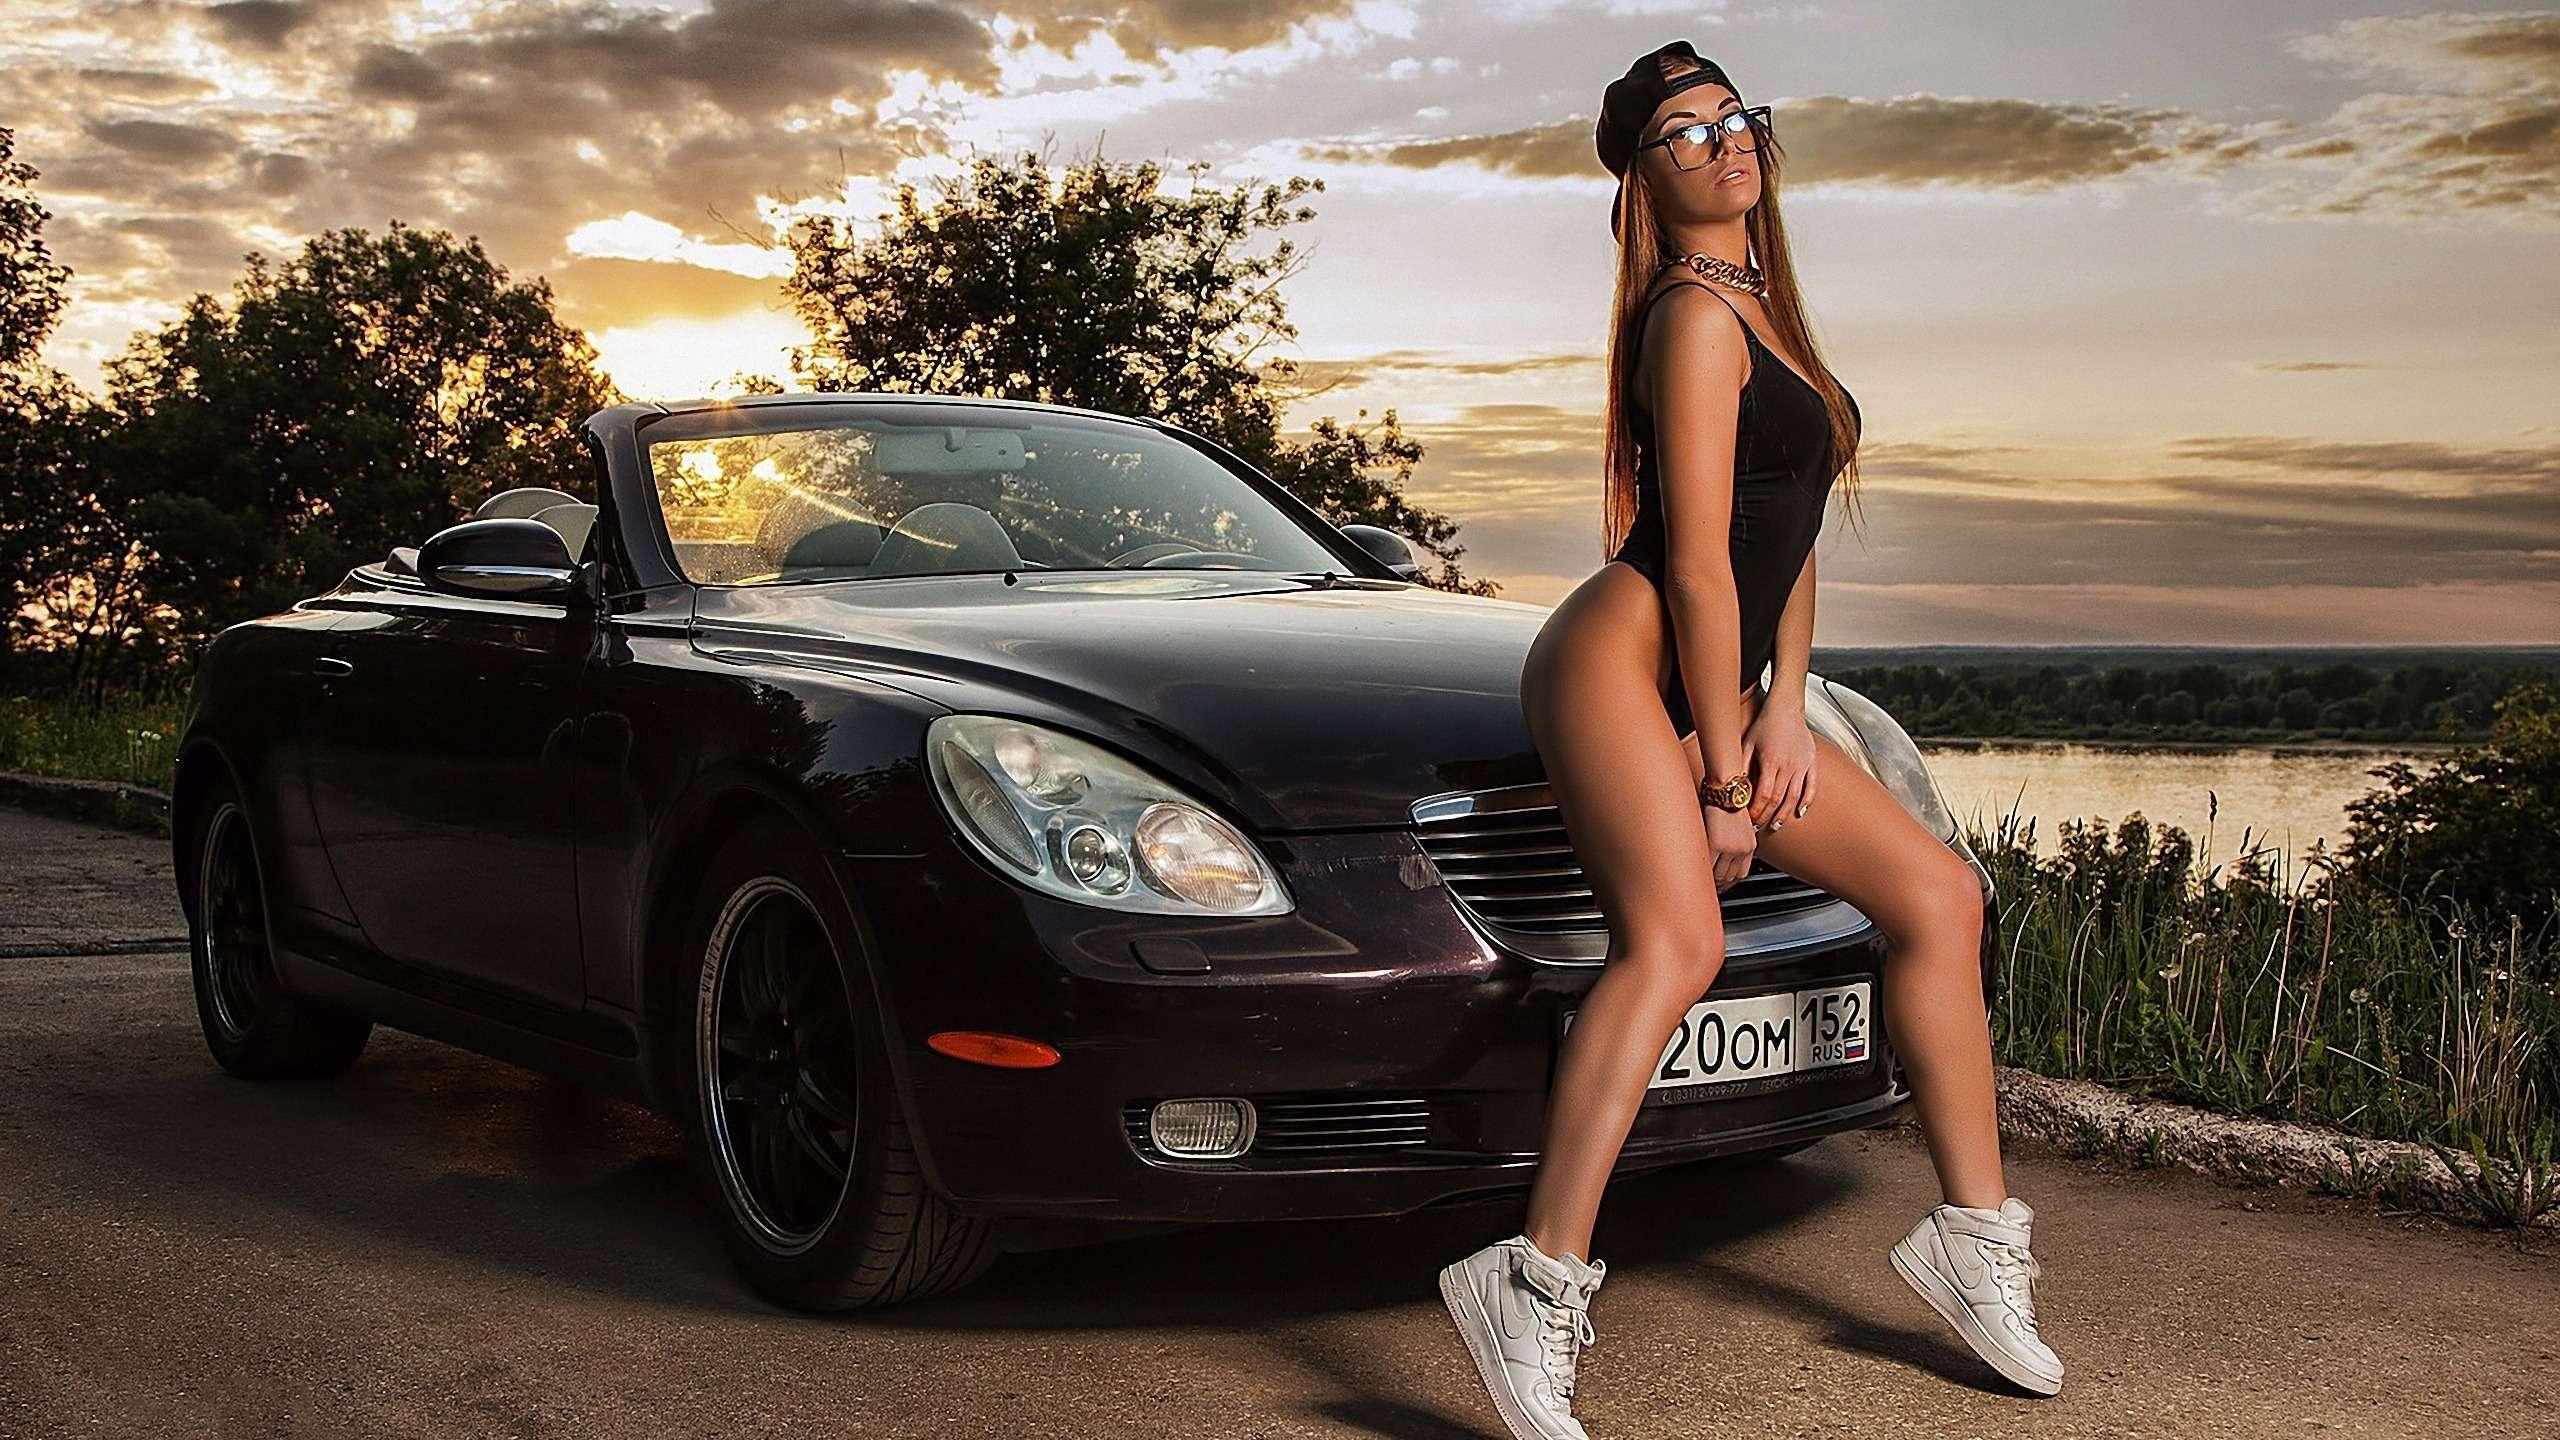 look.com .ua 177366 - Сексуальные девушки и автомобили (часть 17)